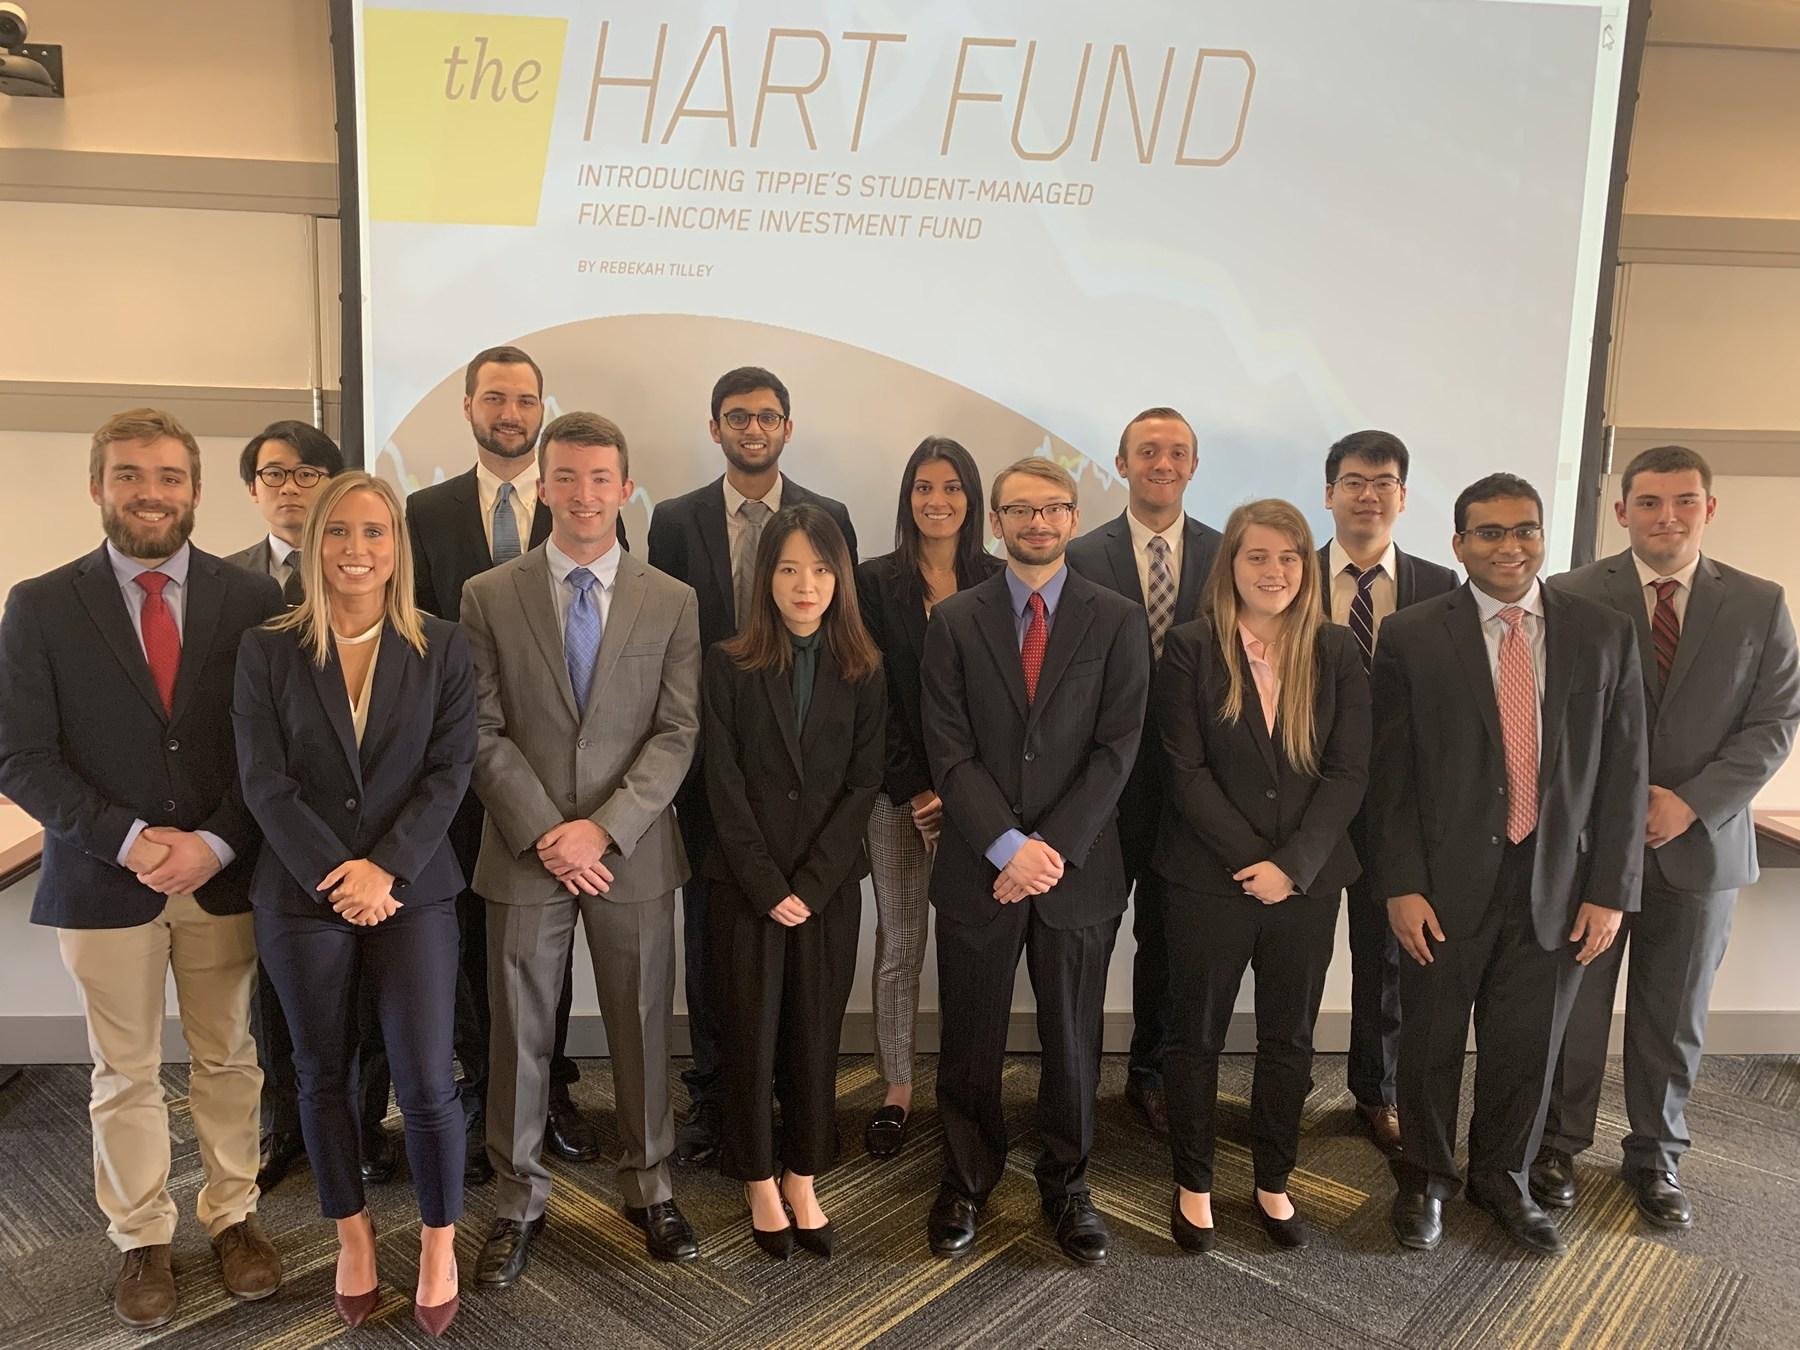 Hart Fund Analysts, Spring 2019